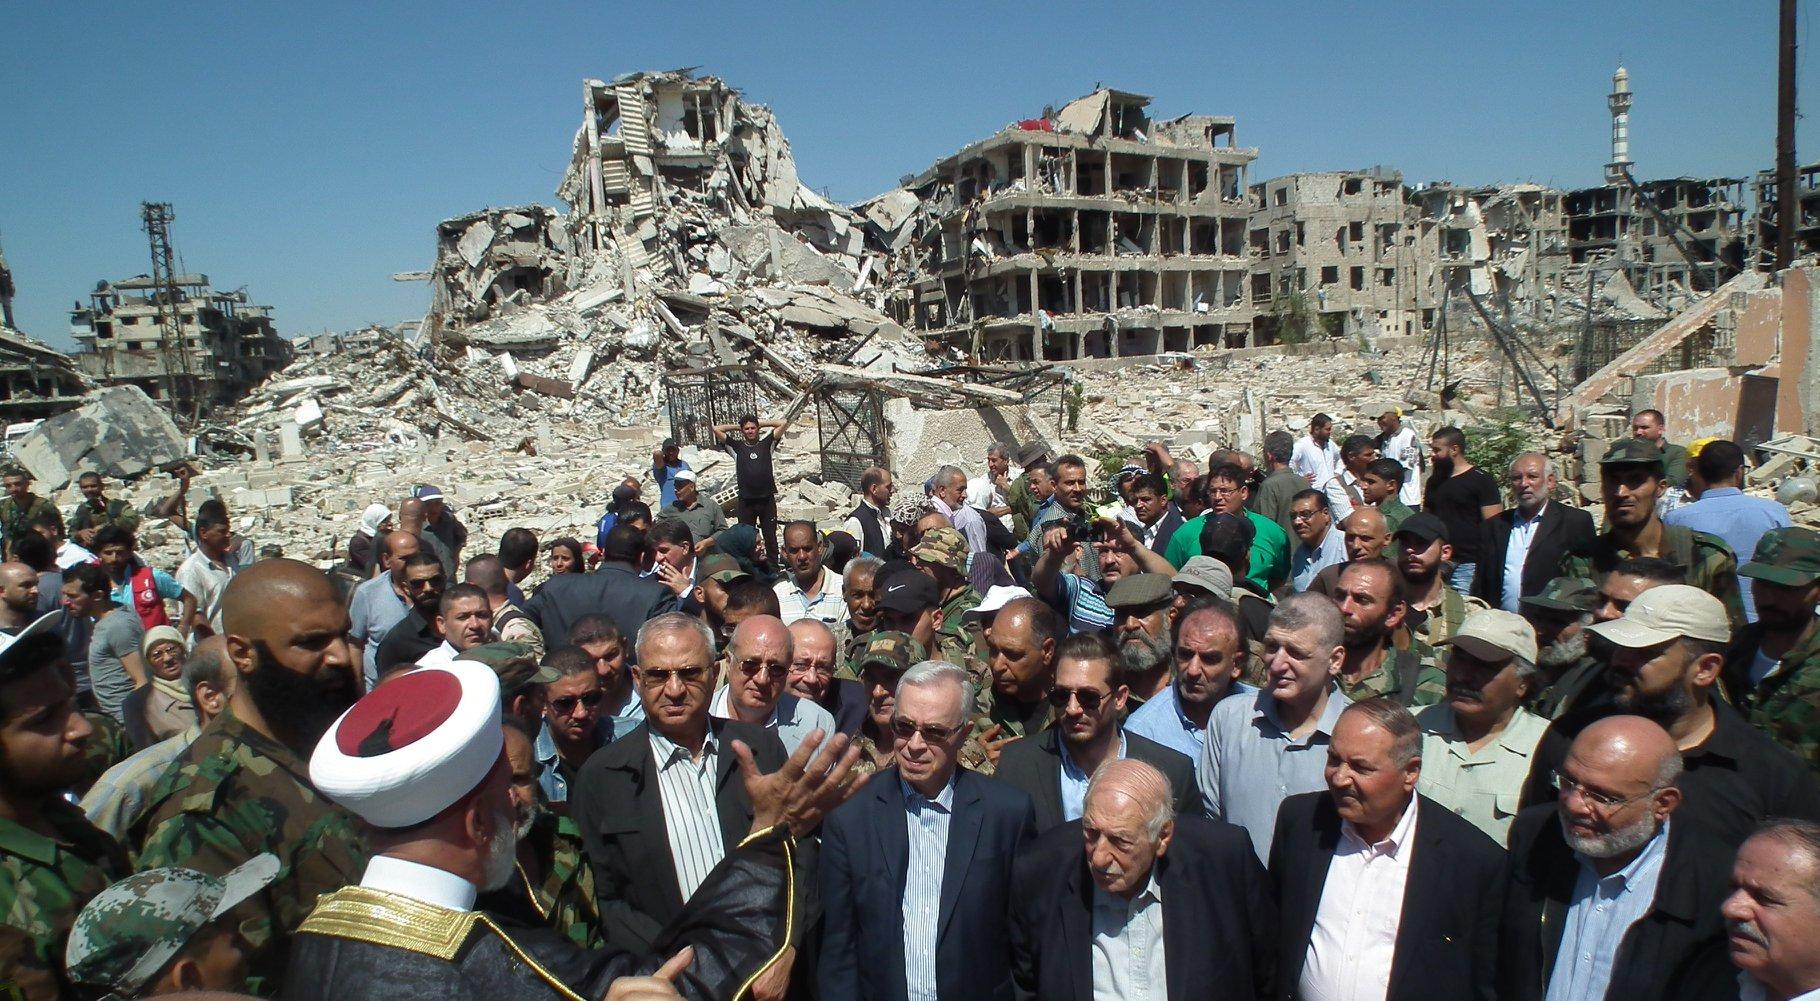 زيارة قادة الفصائل الفلسطينية لمقبرة الشهداء في مخيم اليرموك بدمشق صباح أول أيام عيد الفطر.